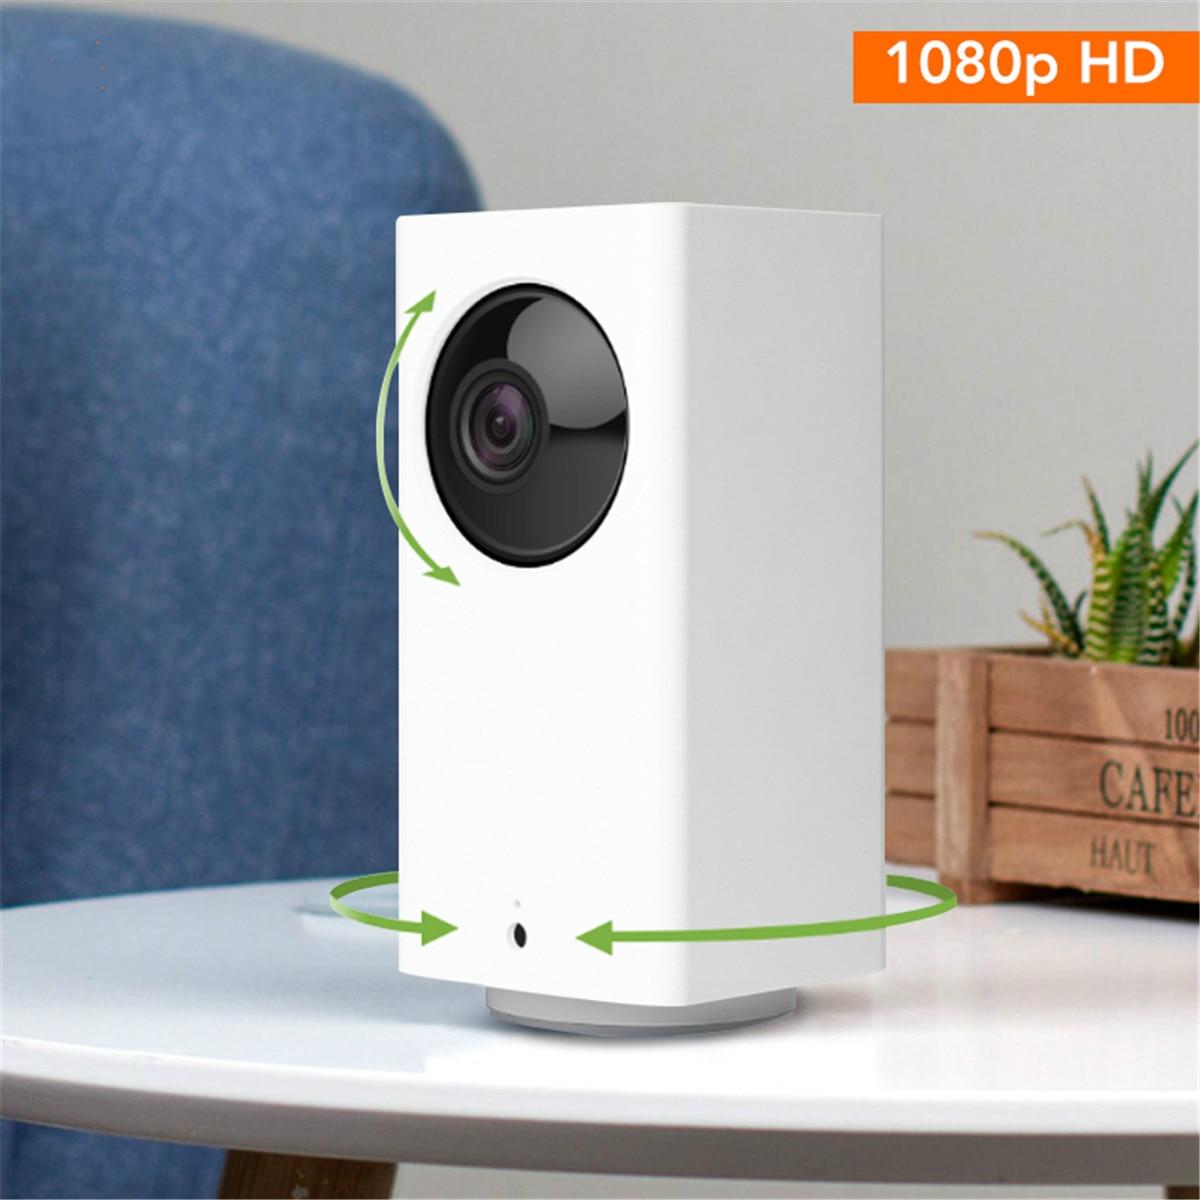 Moniteur Intelligent de caméra IP blanche de sécurité 1080 p HD Intelligent WIFI Vision nocturne bidirectionnelle parlant pour Xiaomi Mijia pour le magasin de maison